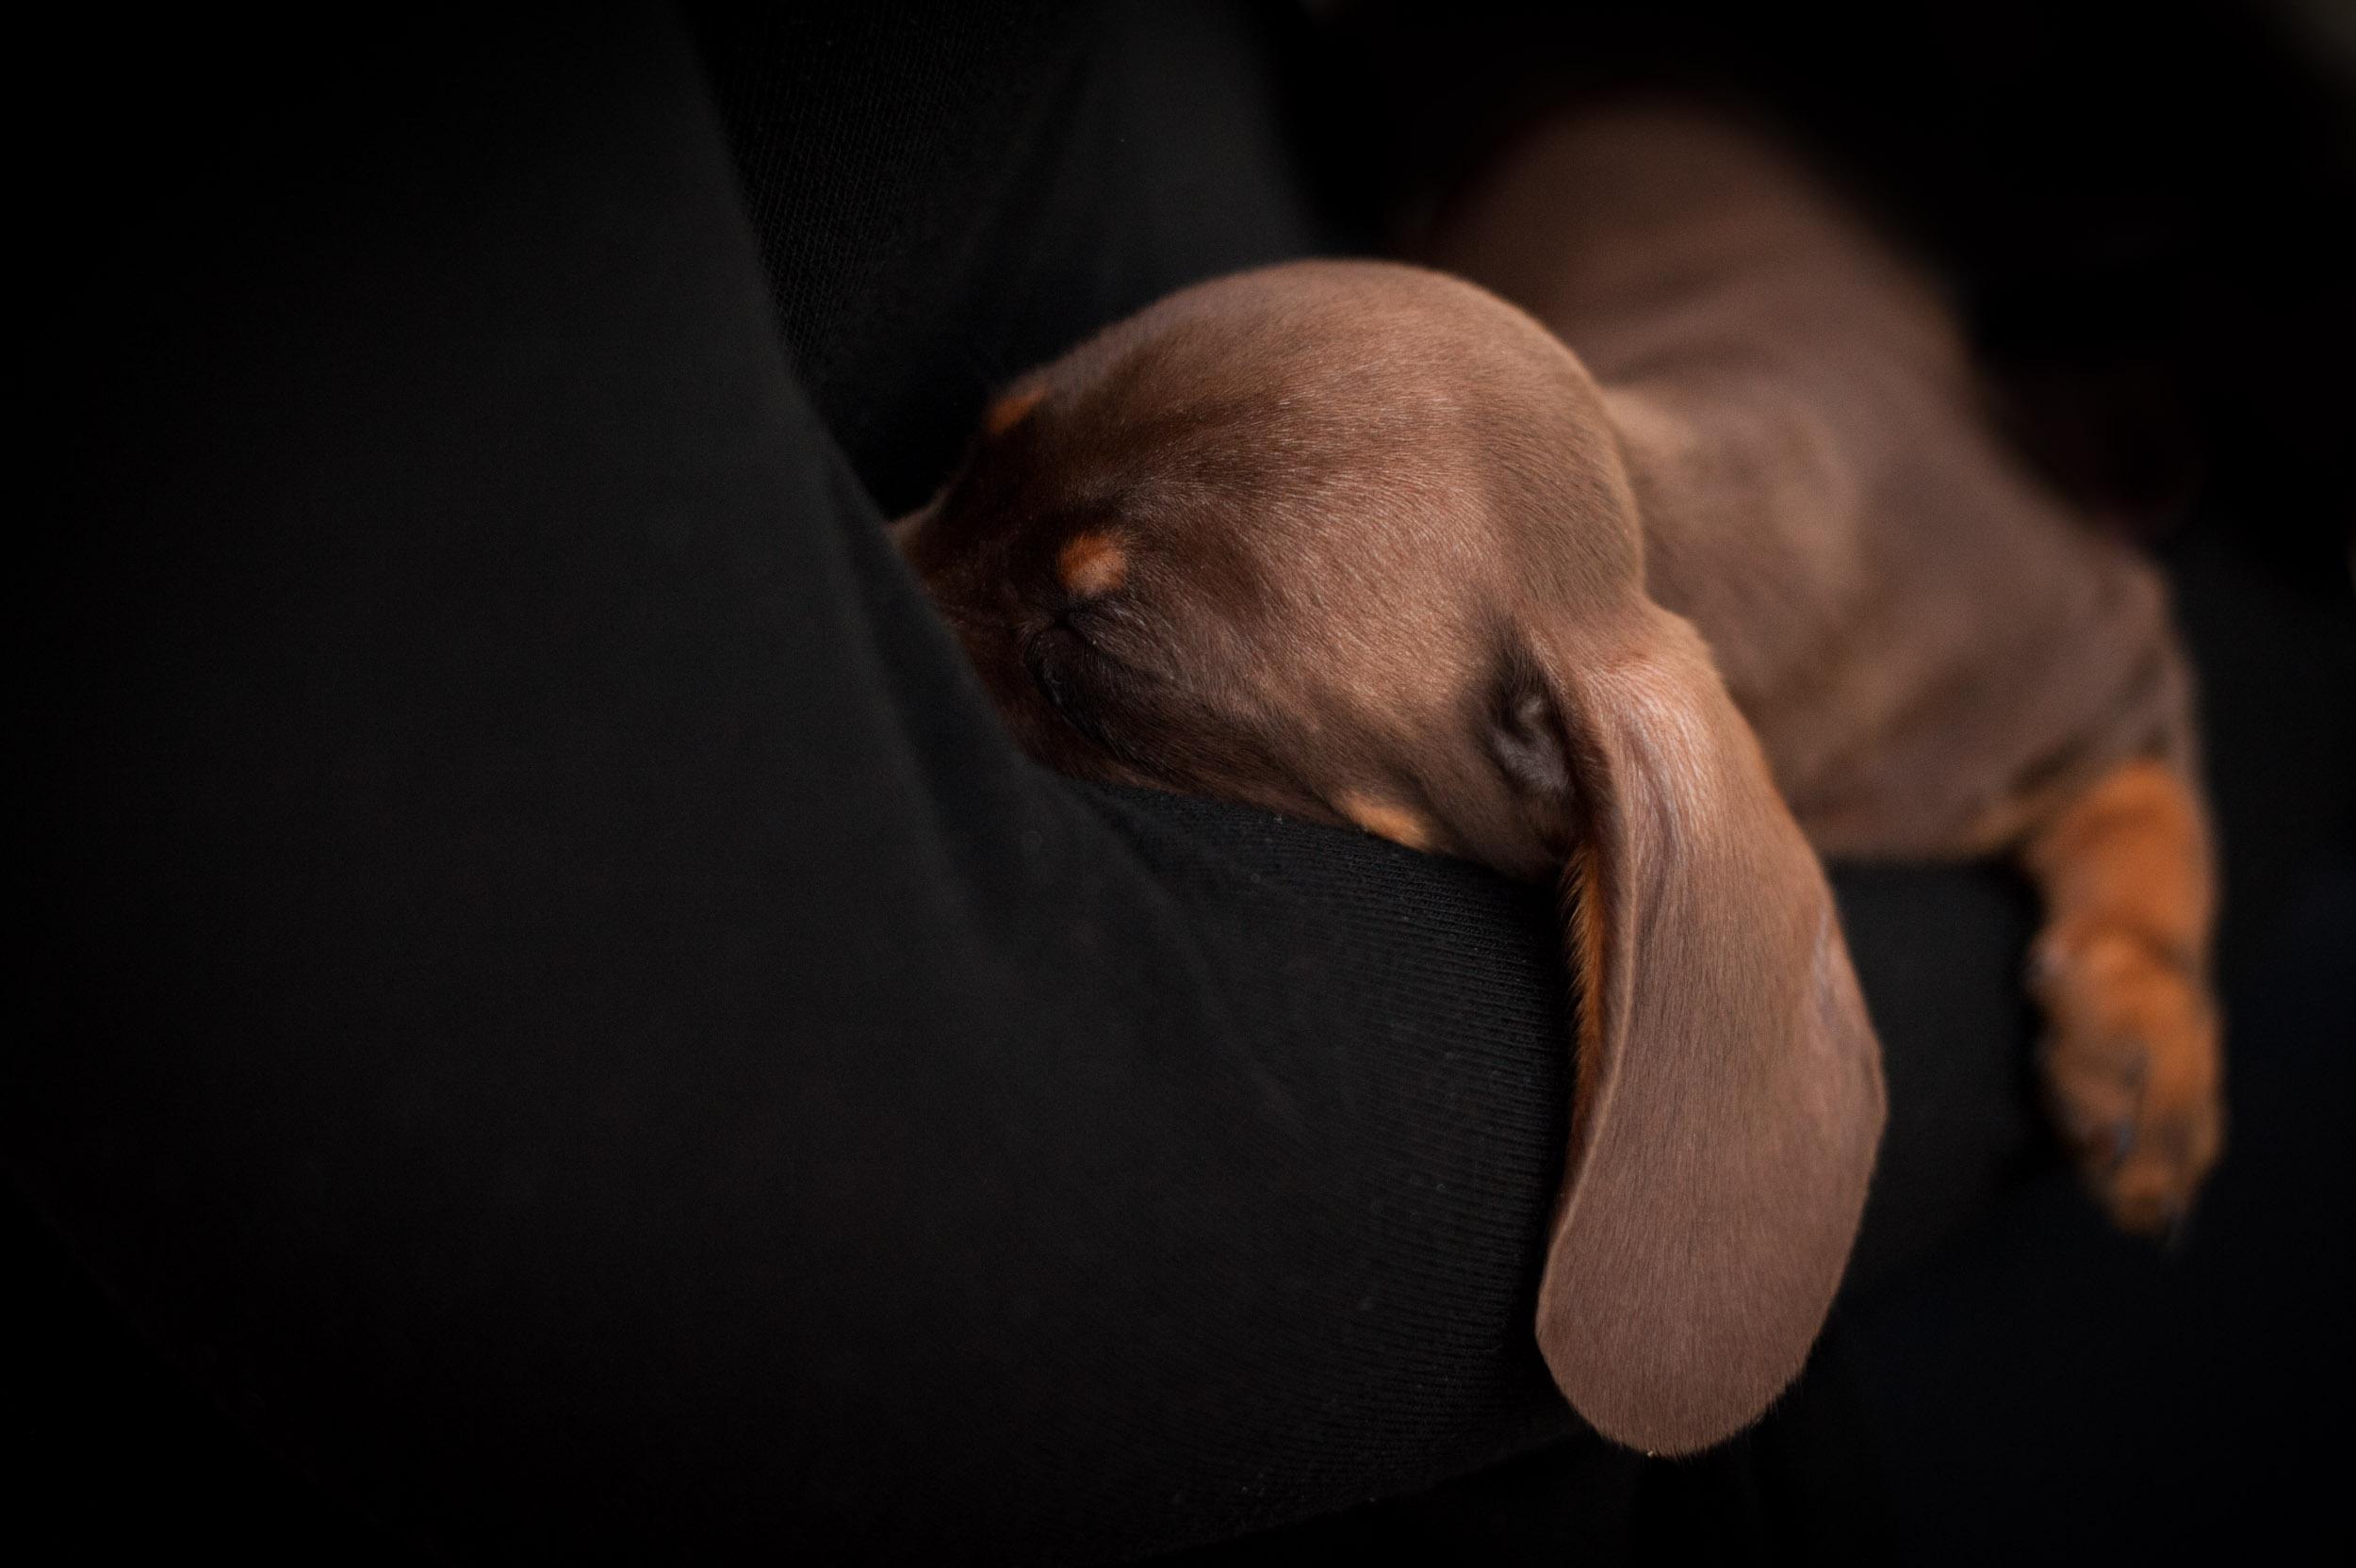 Sausage dog snuggling up